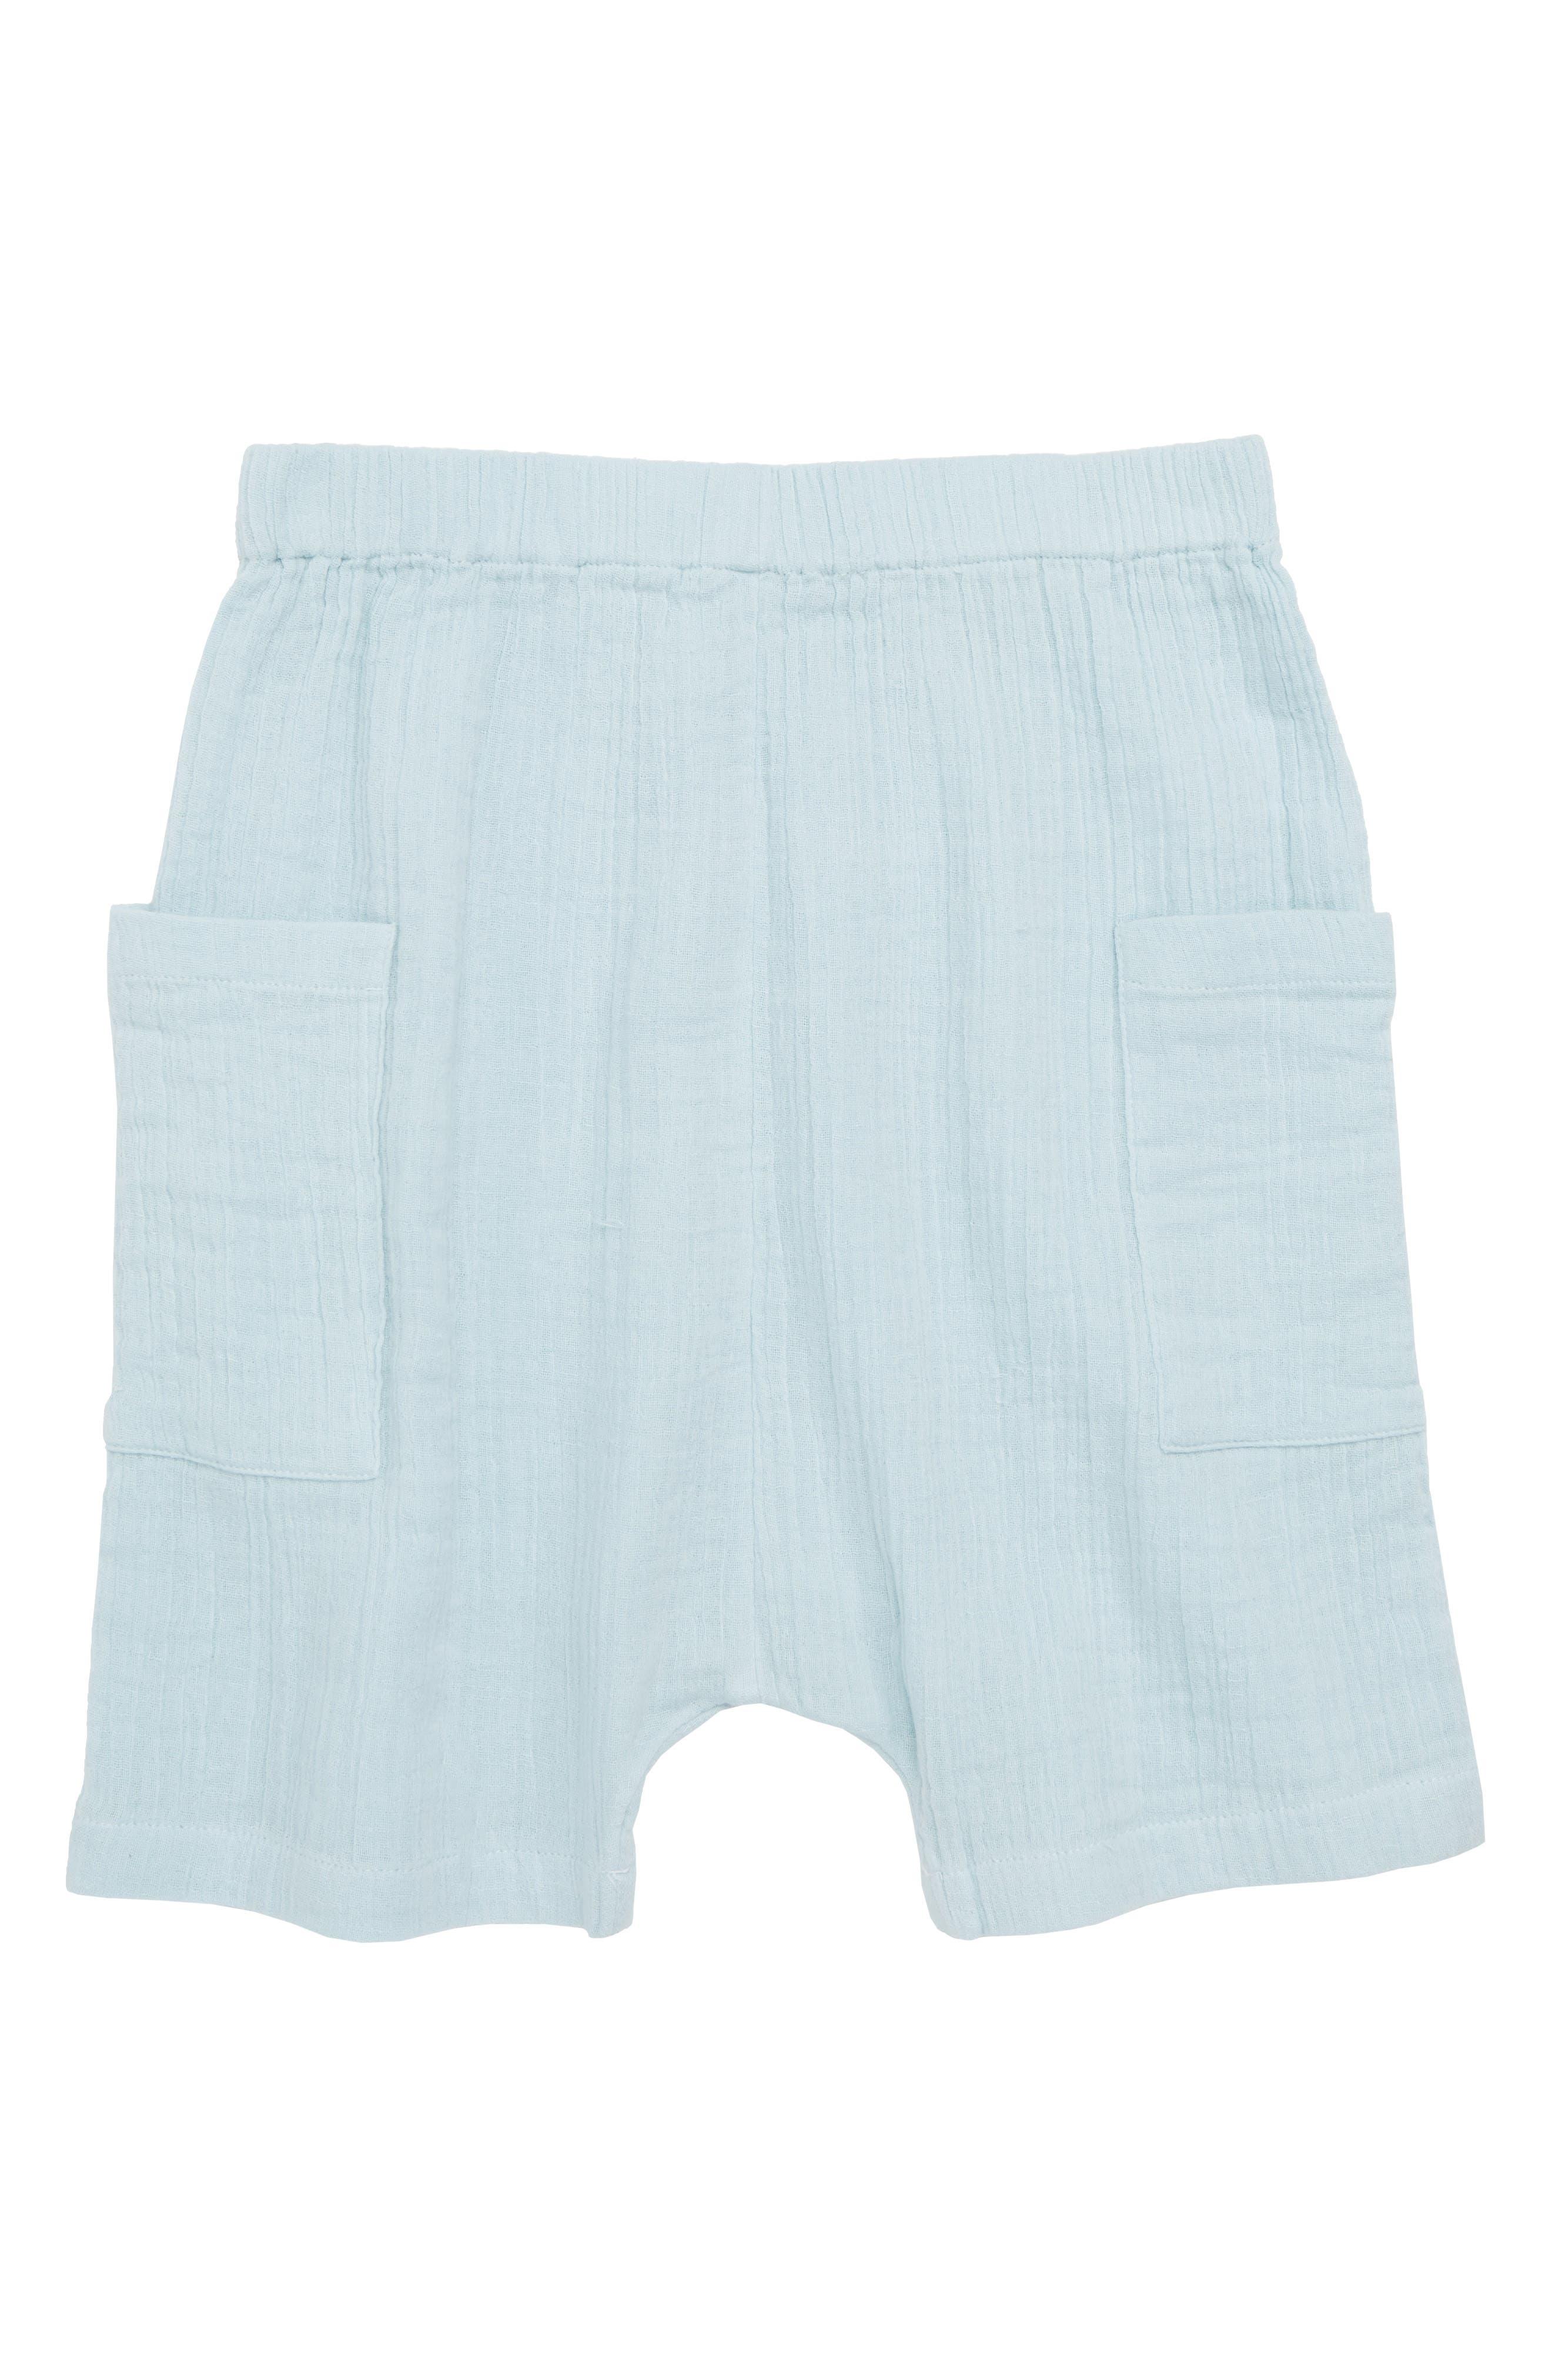 Crepe Moon Shorts,                         Main,                         color, 450